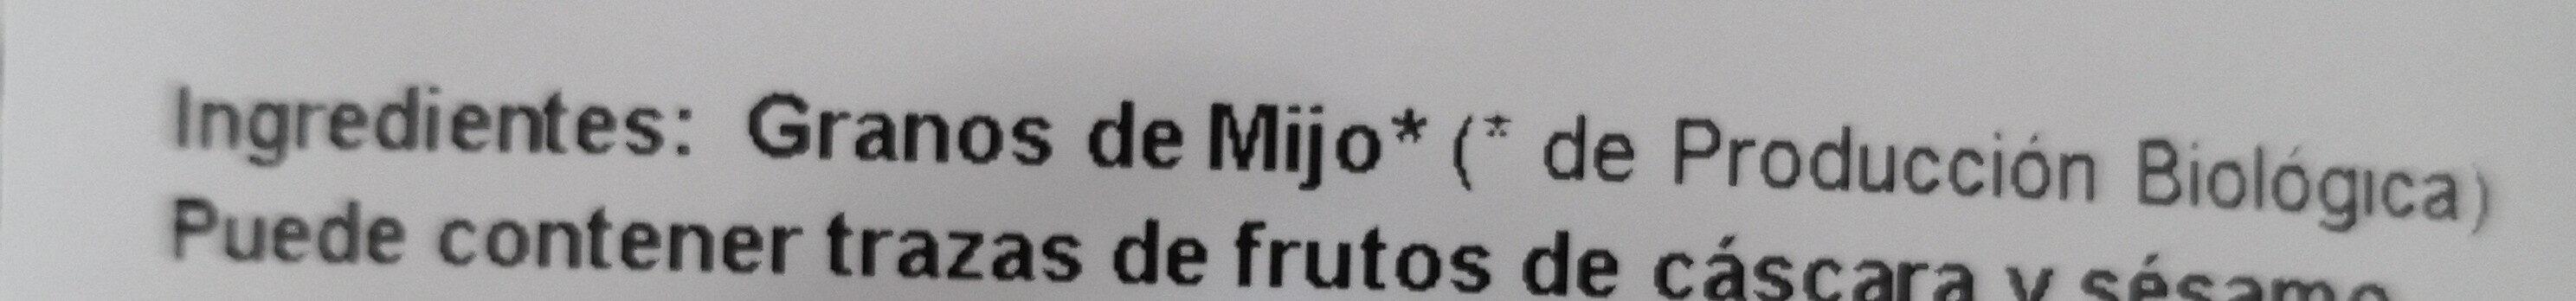 Mijo hinchado - Ingredients - es